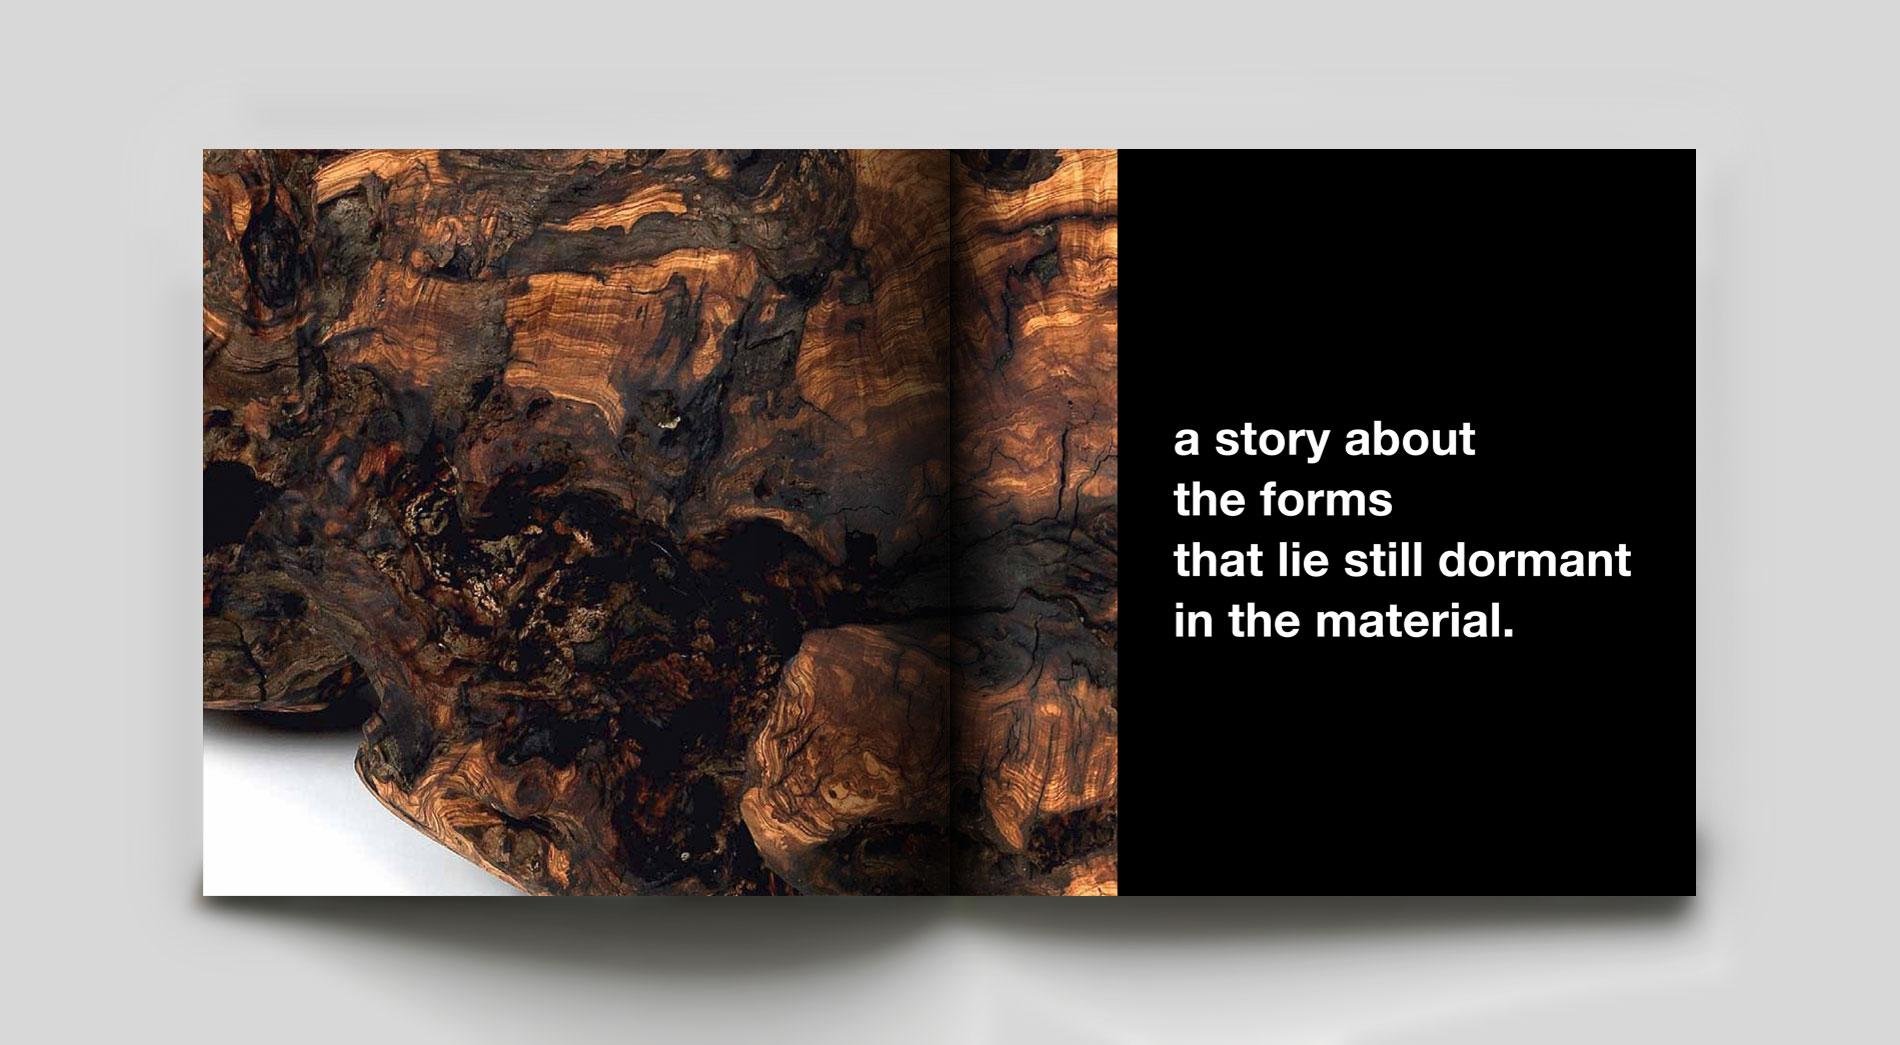 Katalog - Geschichte, Firmenethik